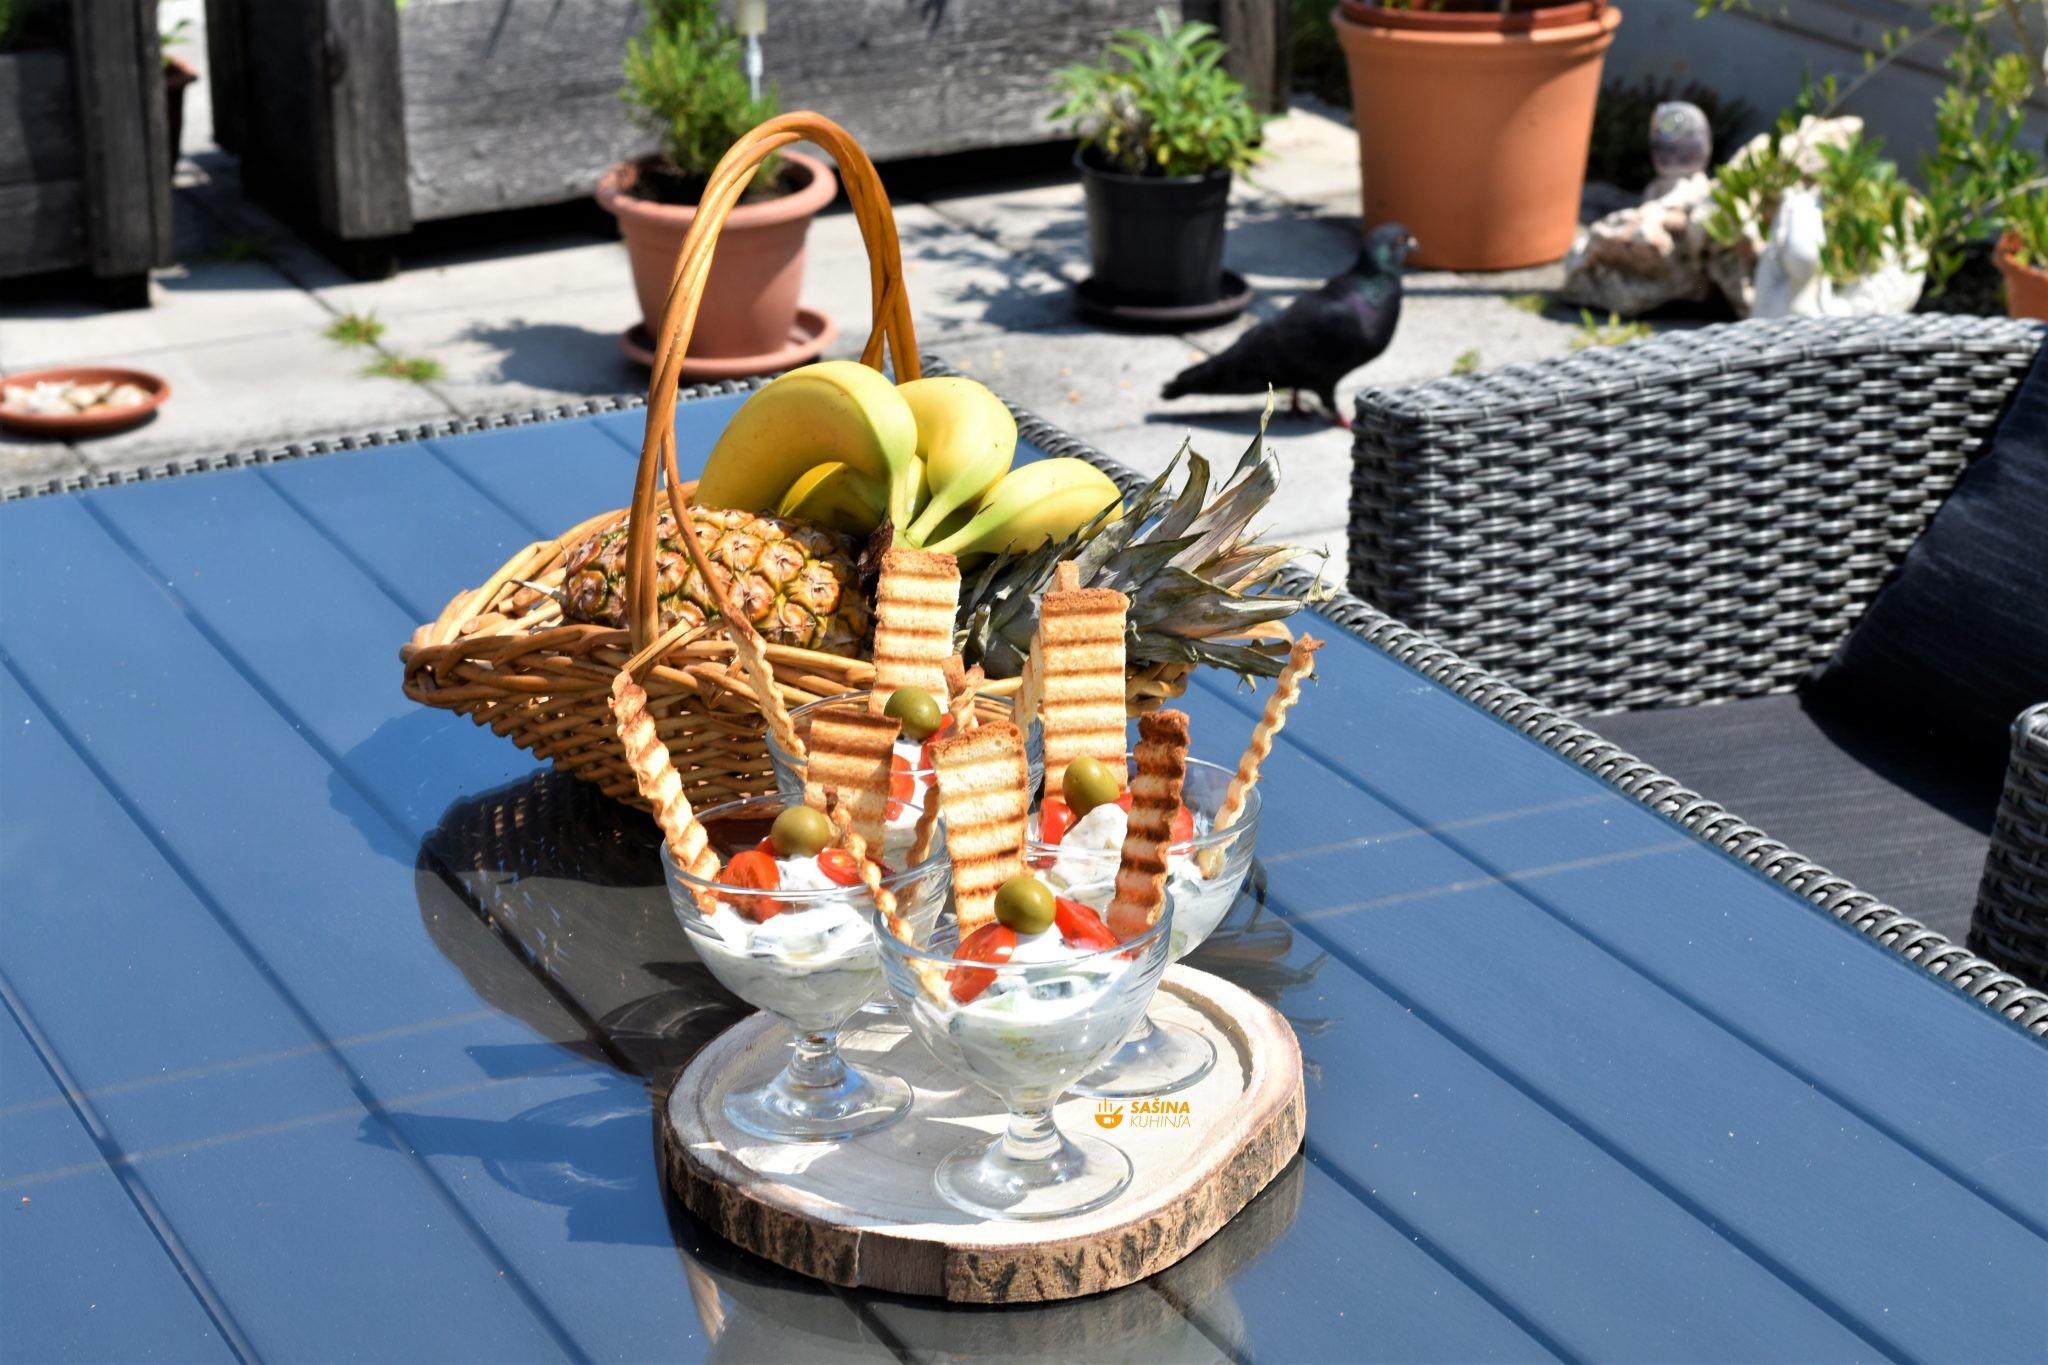 salata od krastavaca ili krastavci na salatu